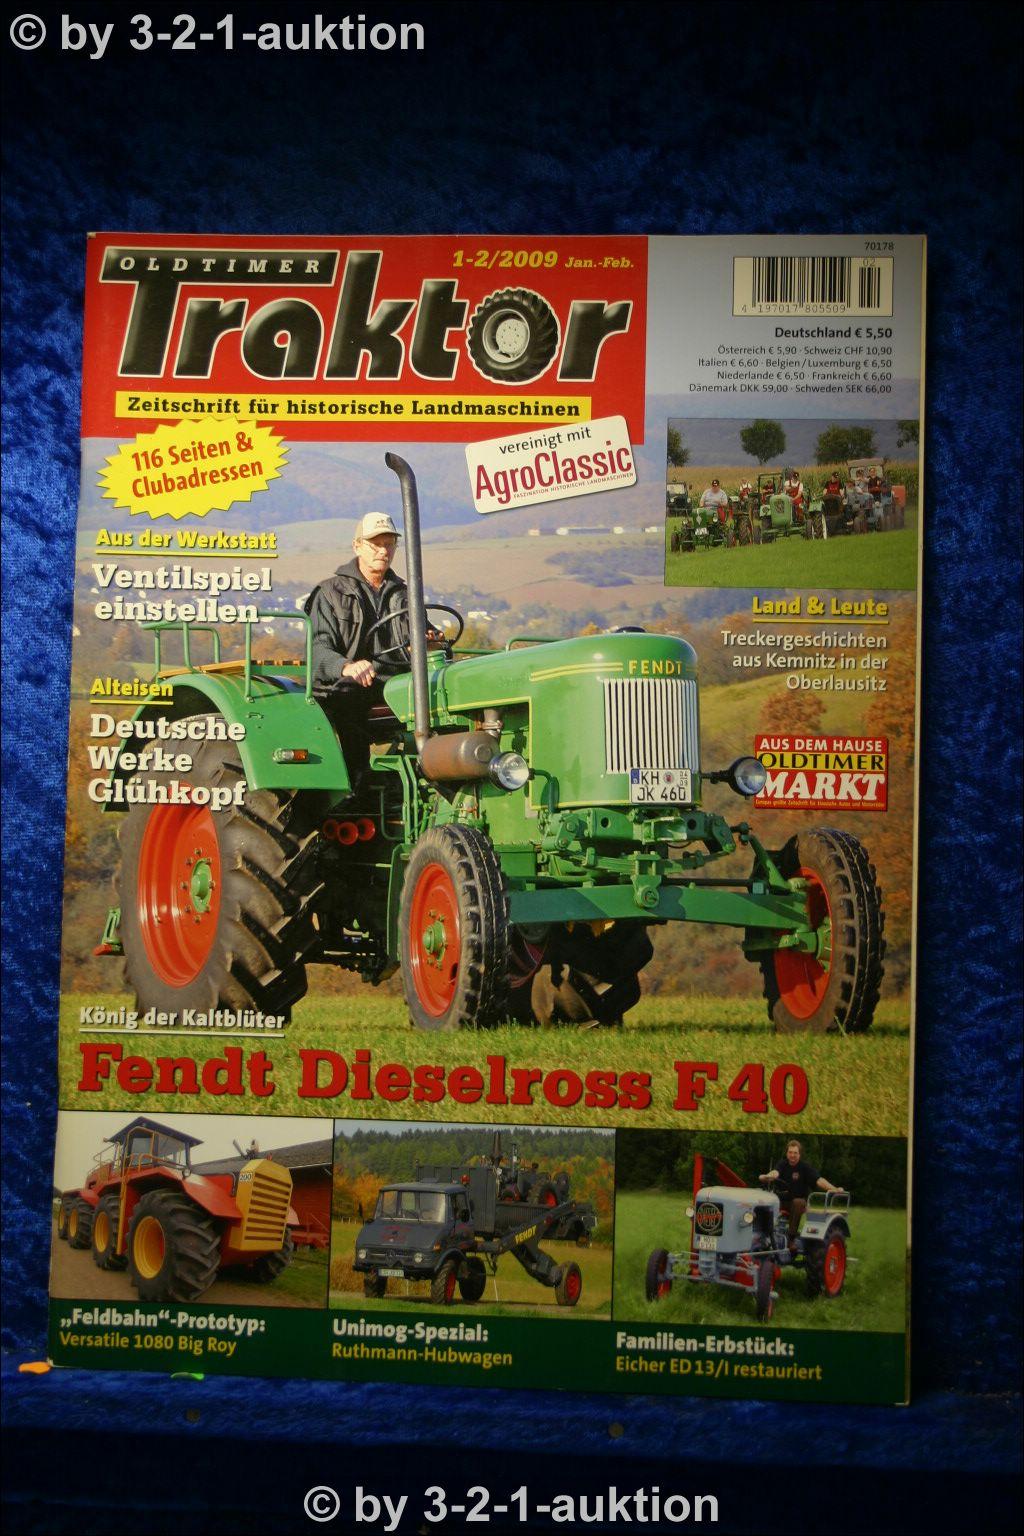 oldtimer traktor 1 2 09 fendt dieselross f 40 eicher ed. Black Bedroom Furniture Sets. Home Design Ideas